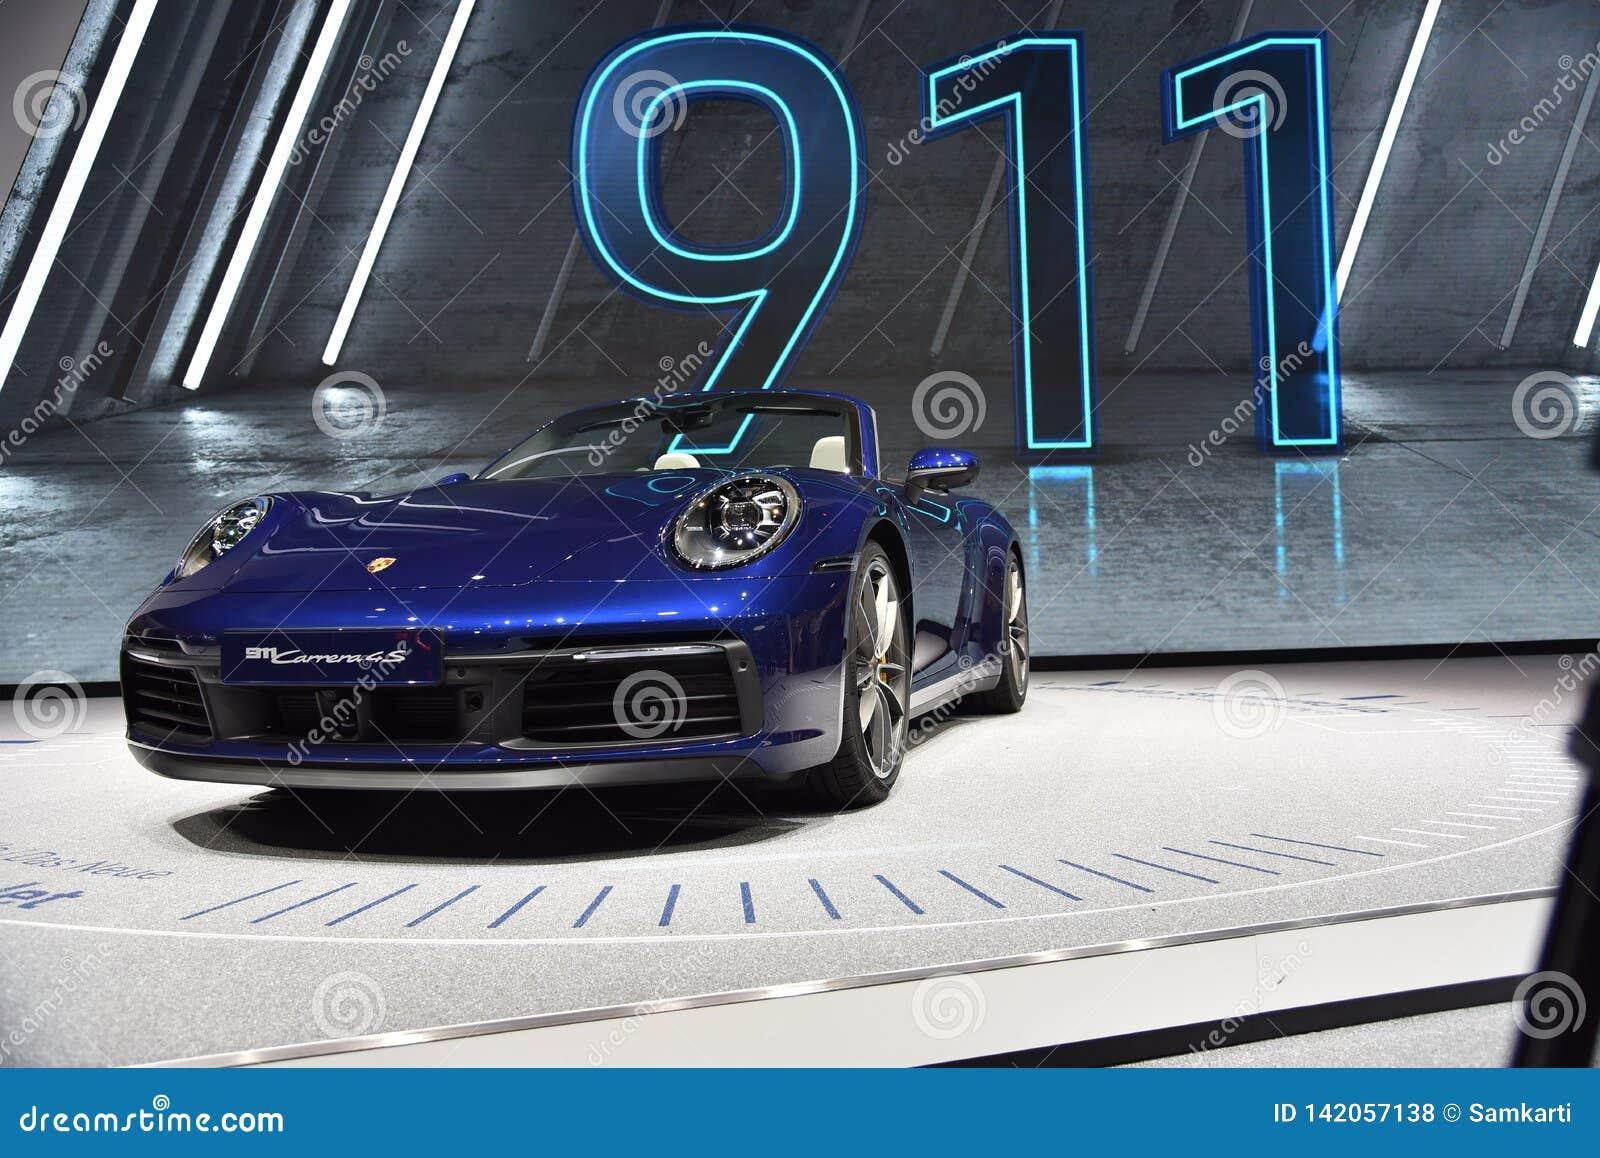 Γενεύη, Ελβετία - 5 Μαρτίου 2019: Porsche 911 αυτοκίνητο καμπριολέ Carrera 4s που επιδεικνύεται στη διεθνή έκθεση αυτοκινήτου της